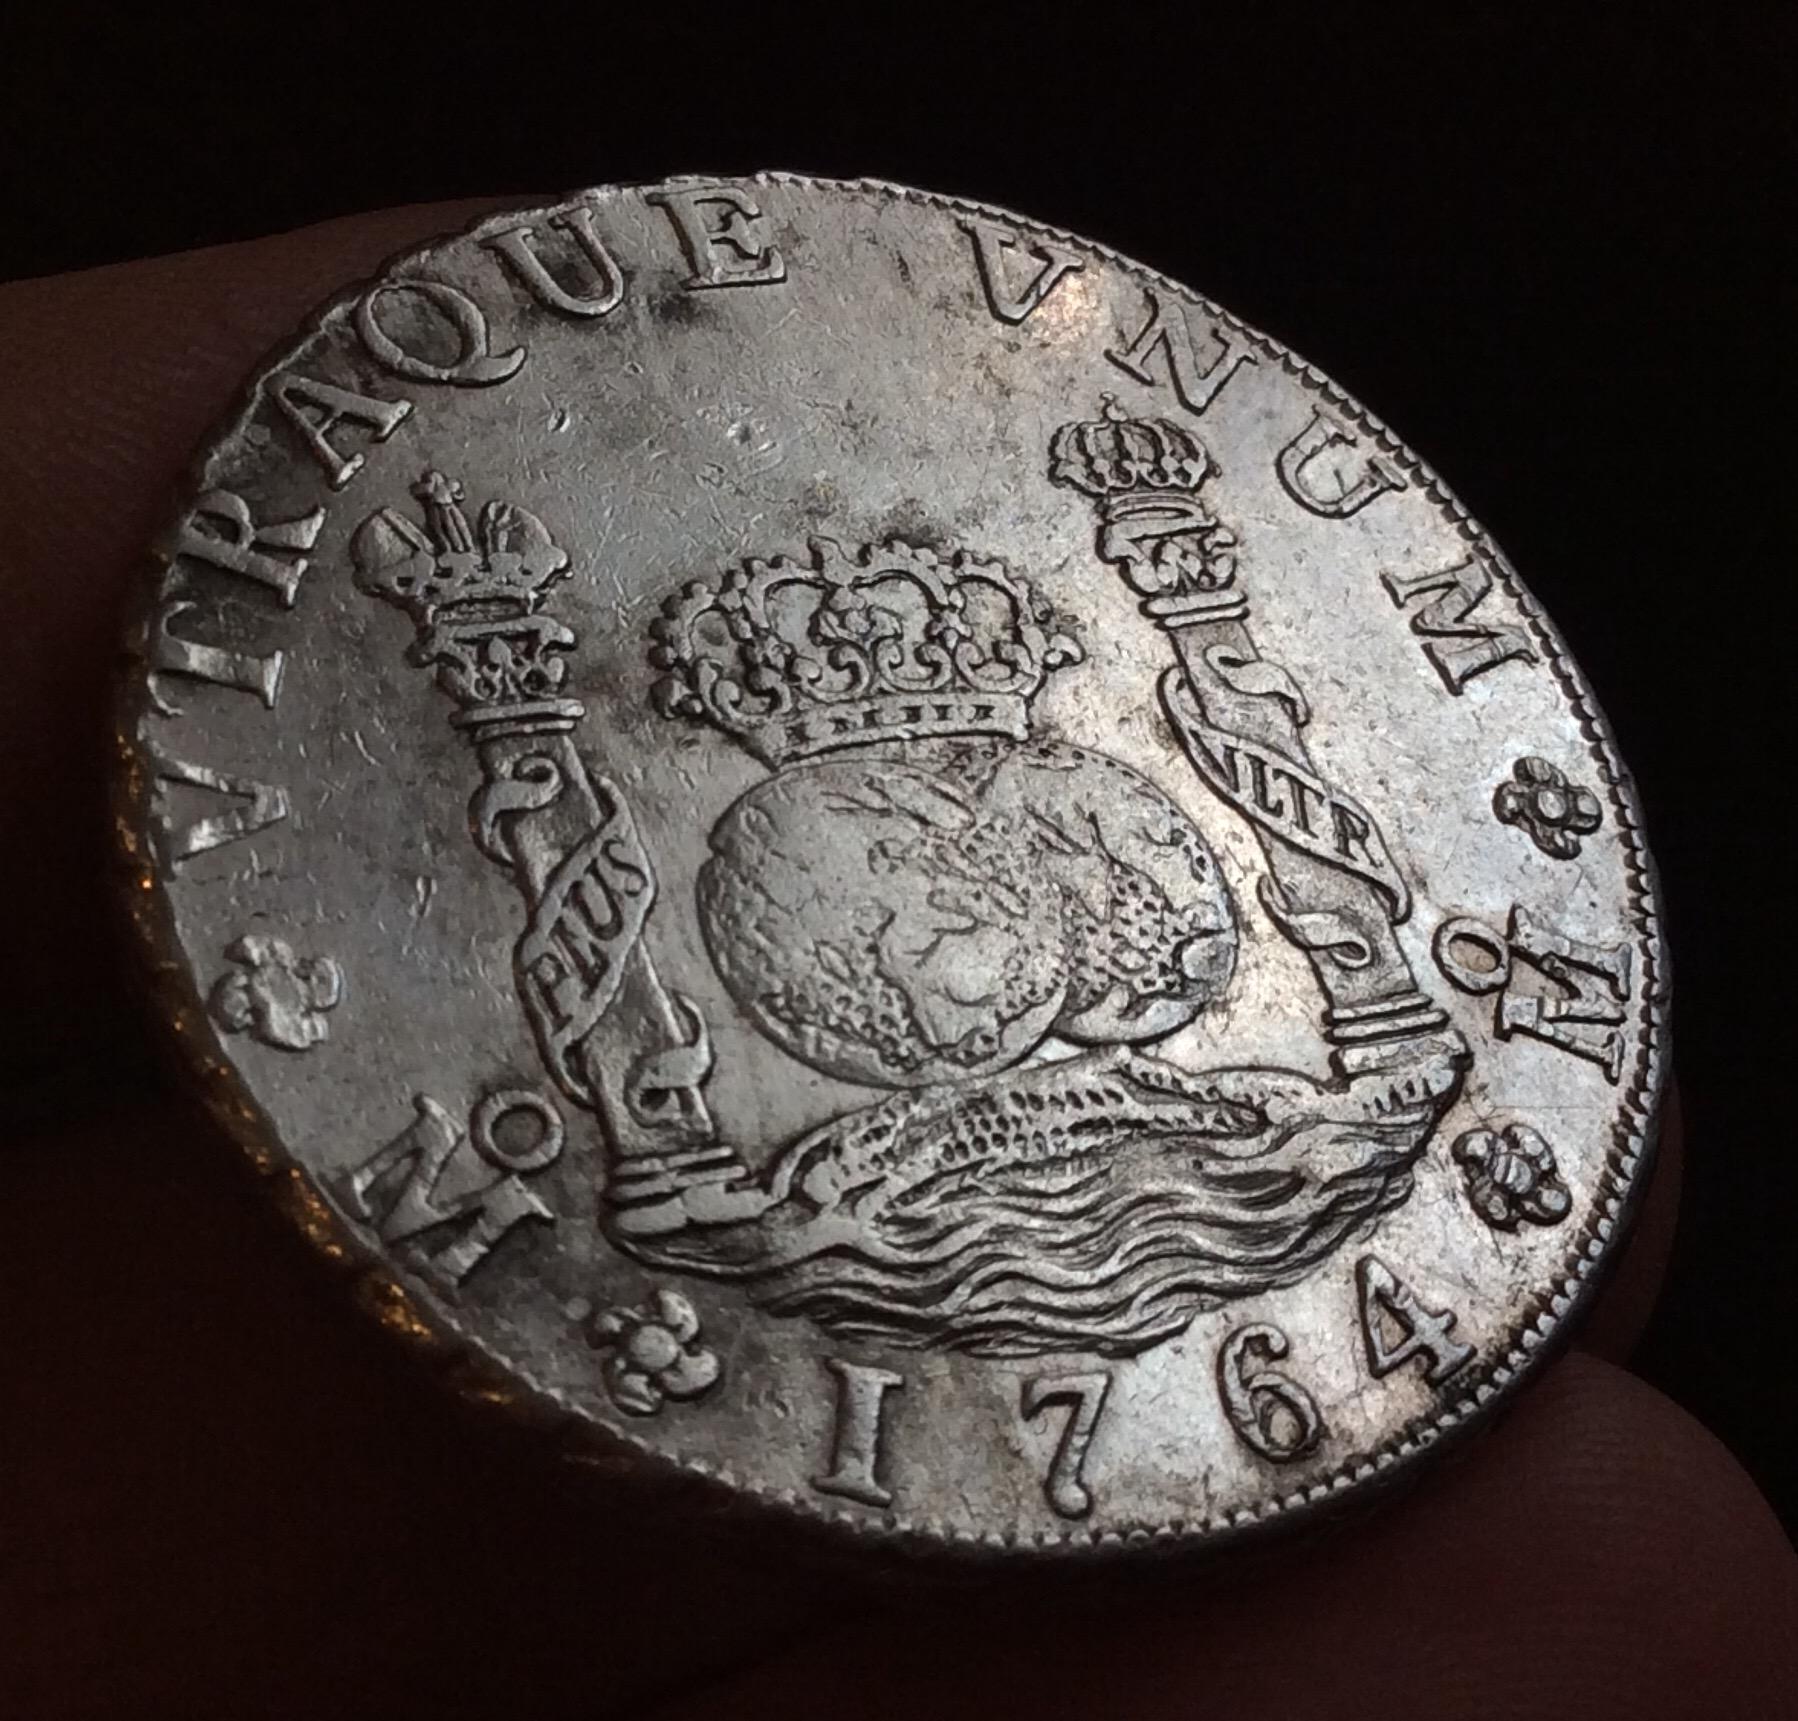 ESPECTACULAR COLUMNARIO DE 8 REALES DE 1764 - CARLOS III - MÉXICO